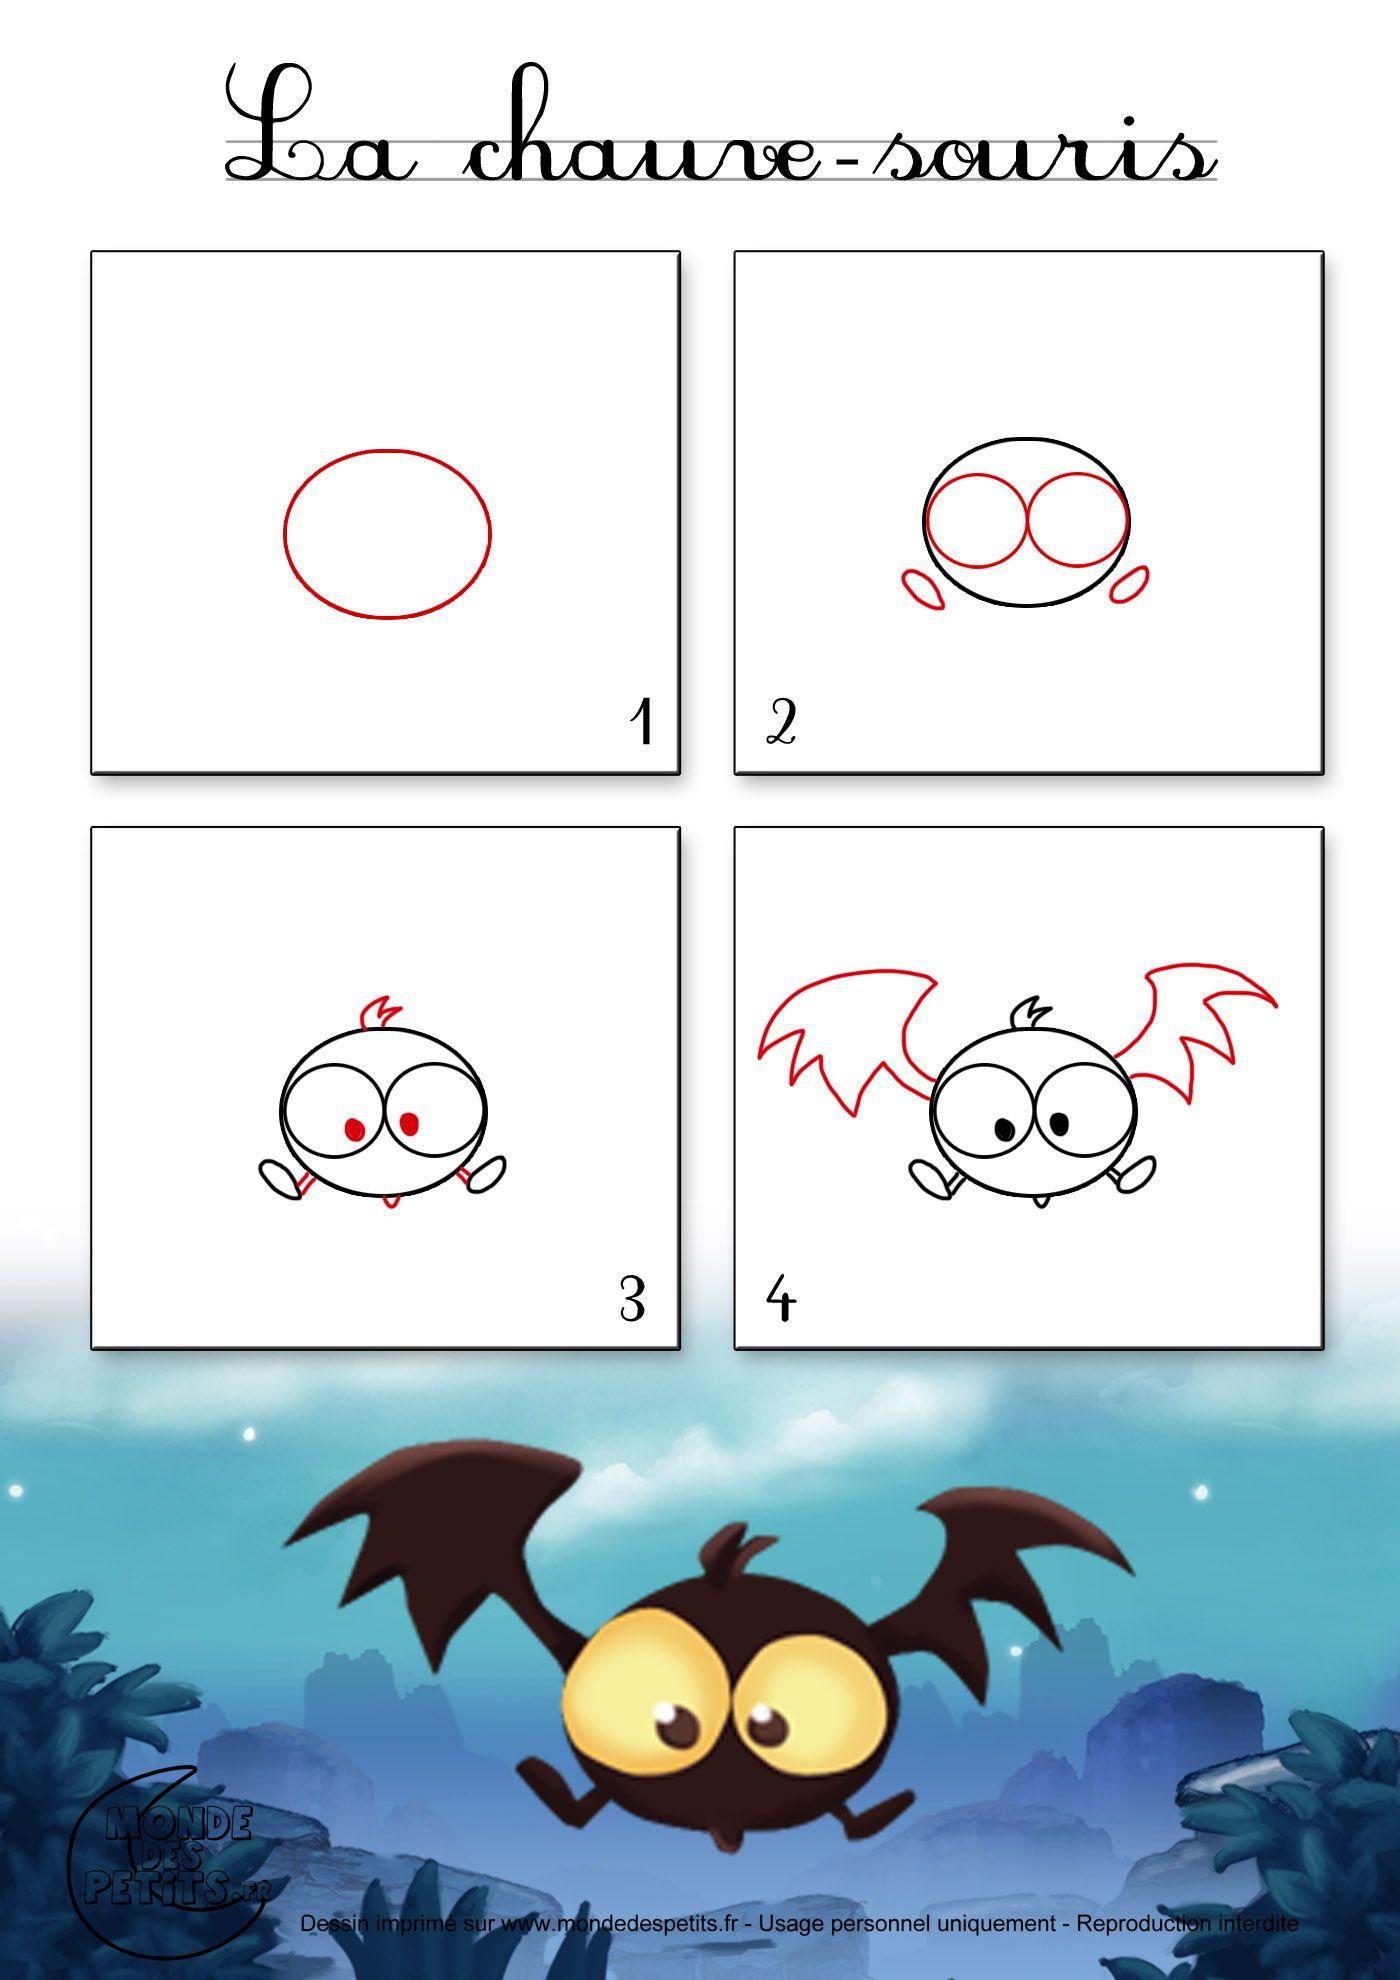 Dessin1 comment dessiner une chauve souris d 39 halloween - Dessin a desiner ...